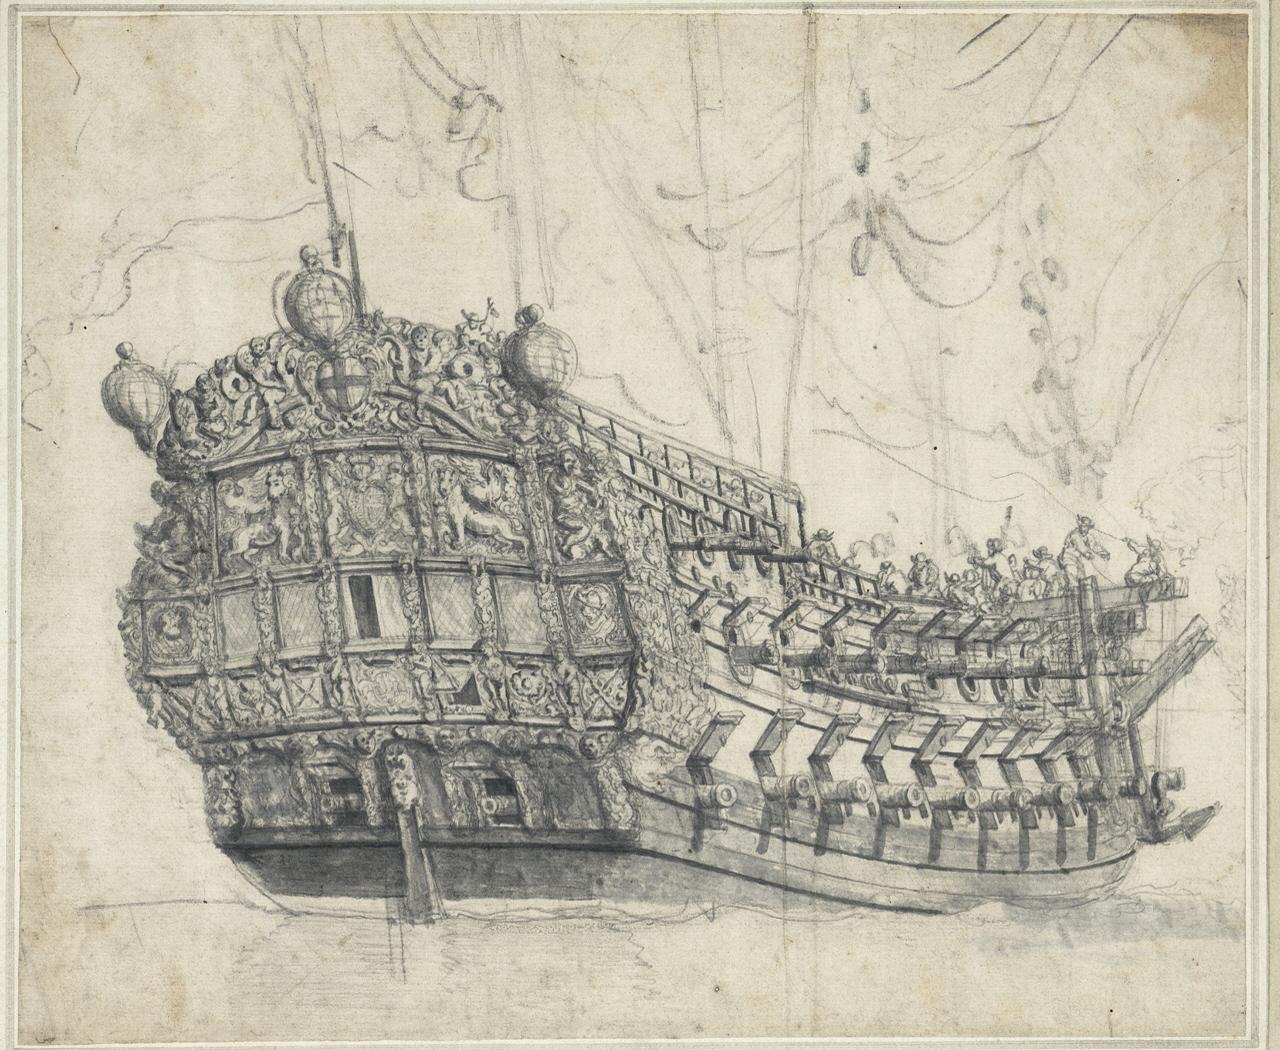 HMS Tyger